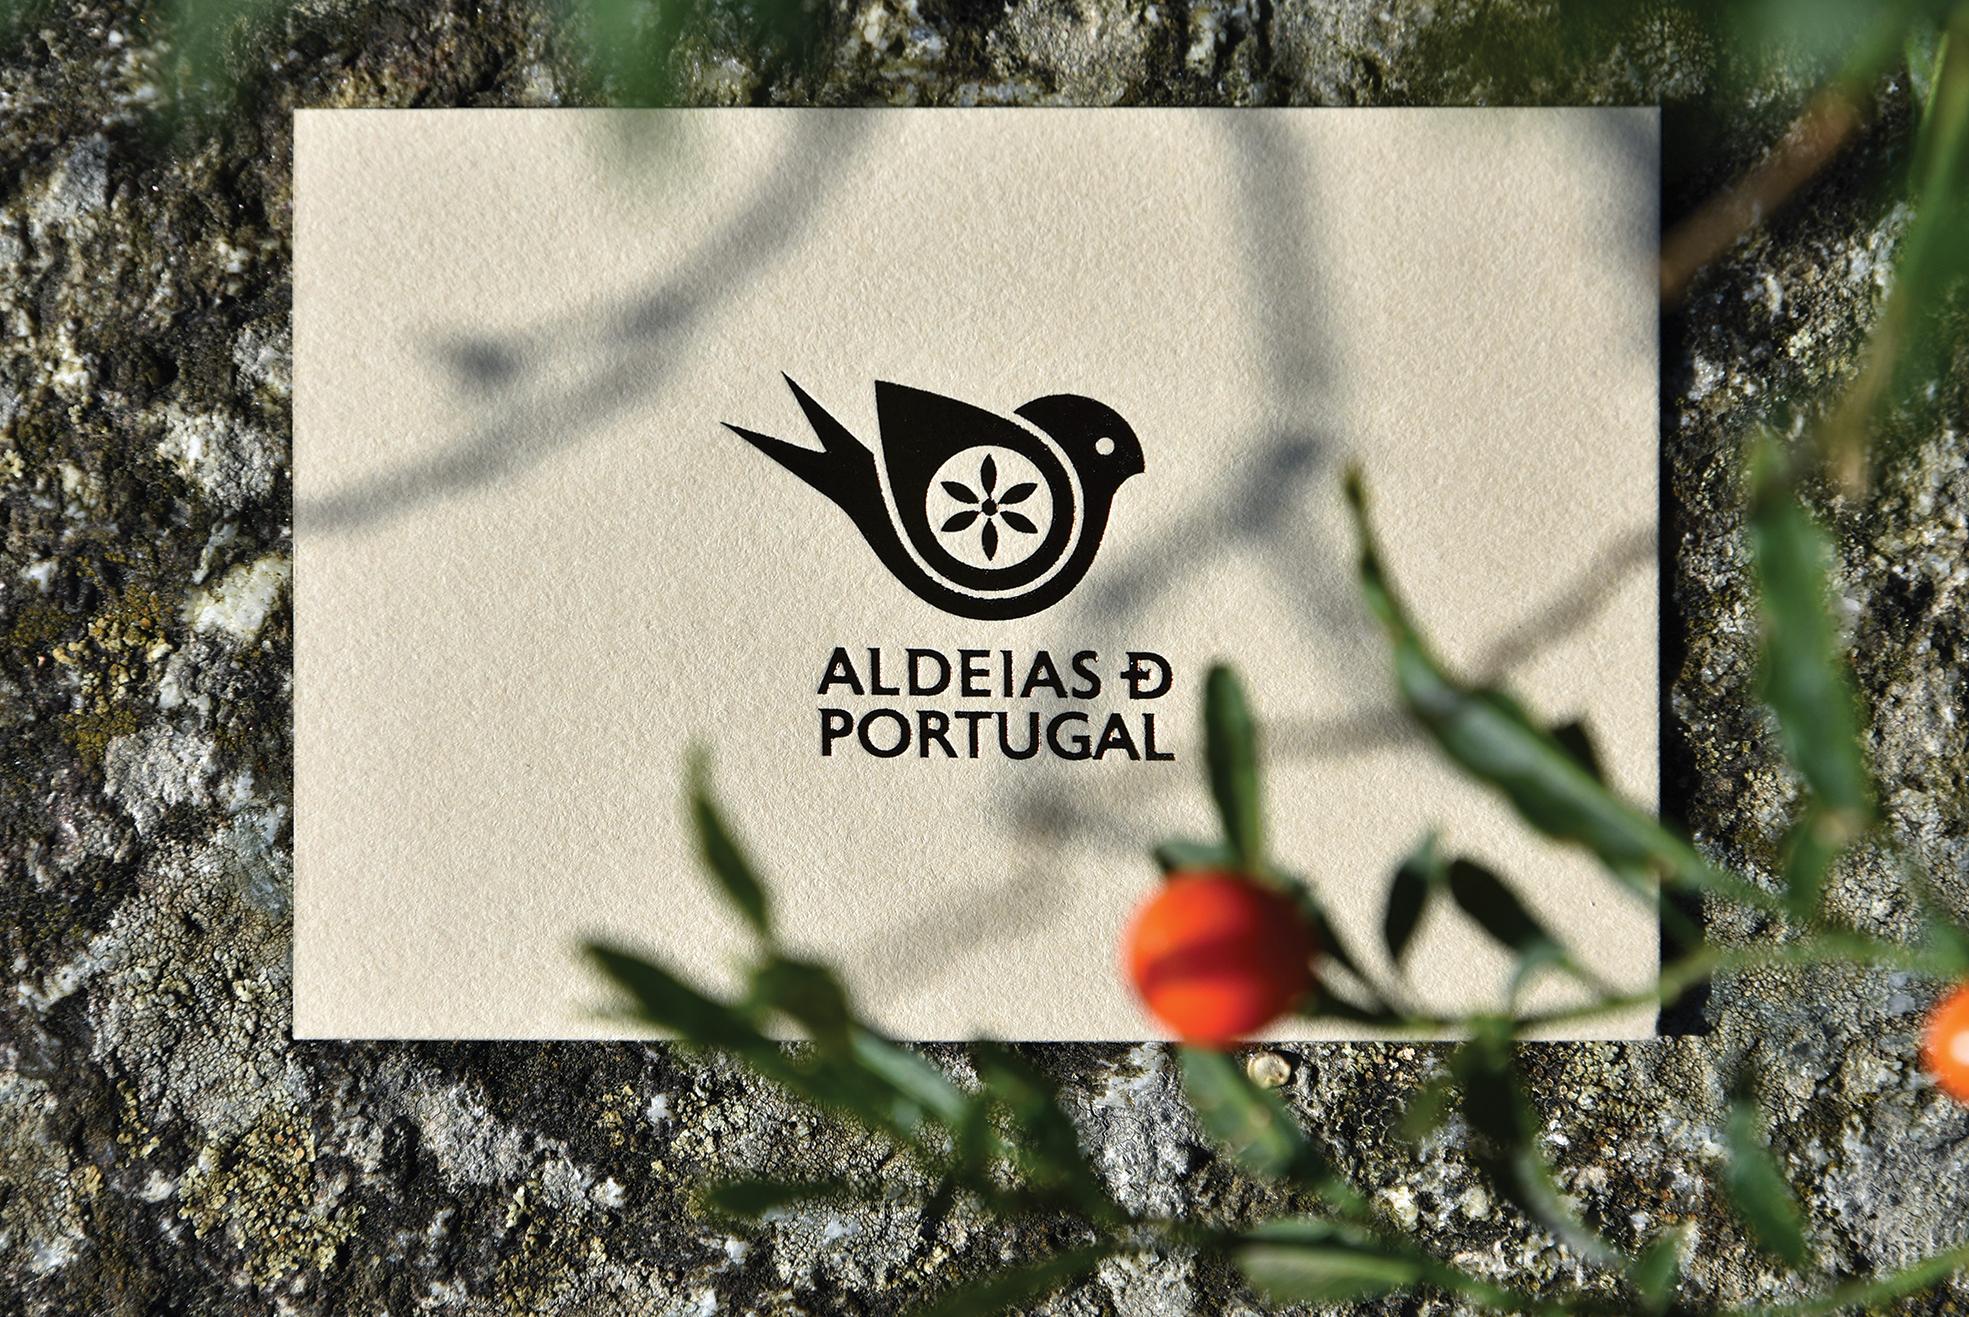 Aldeias de Portugal by Paulo Marcelo - Creative Work